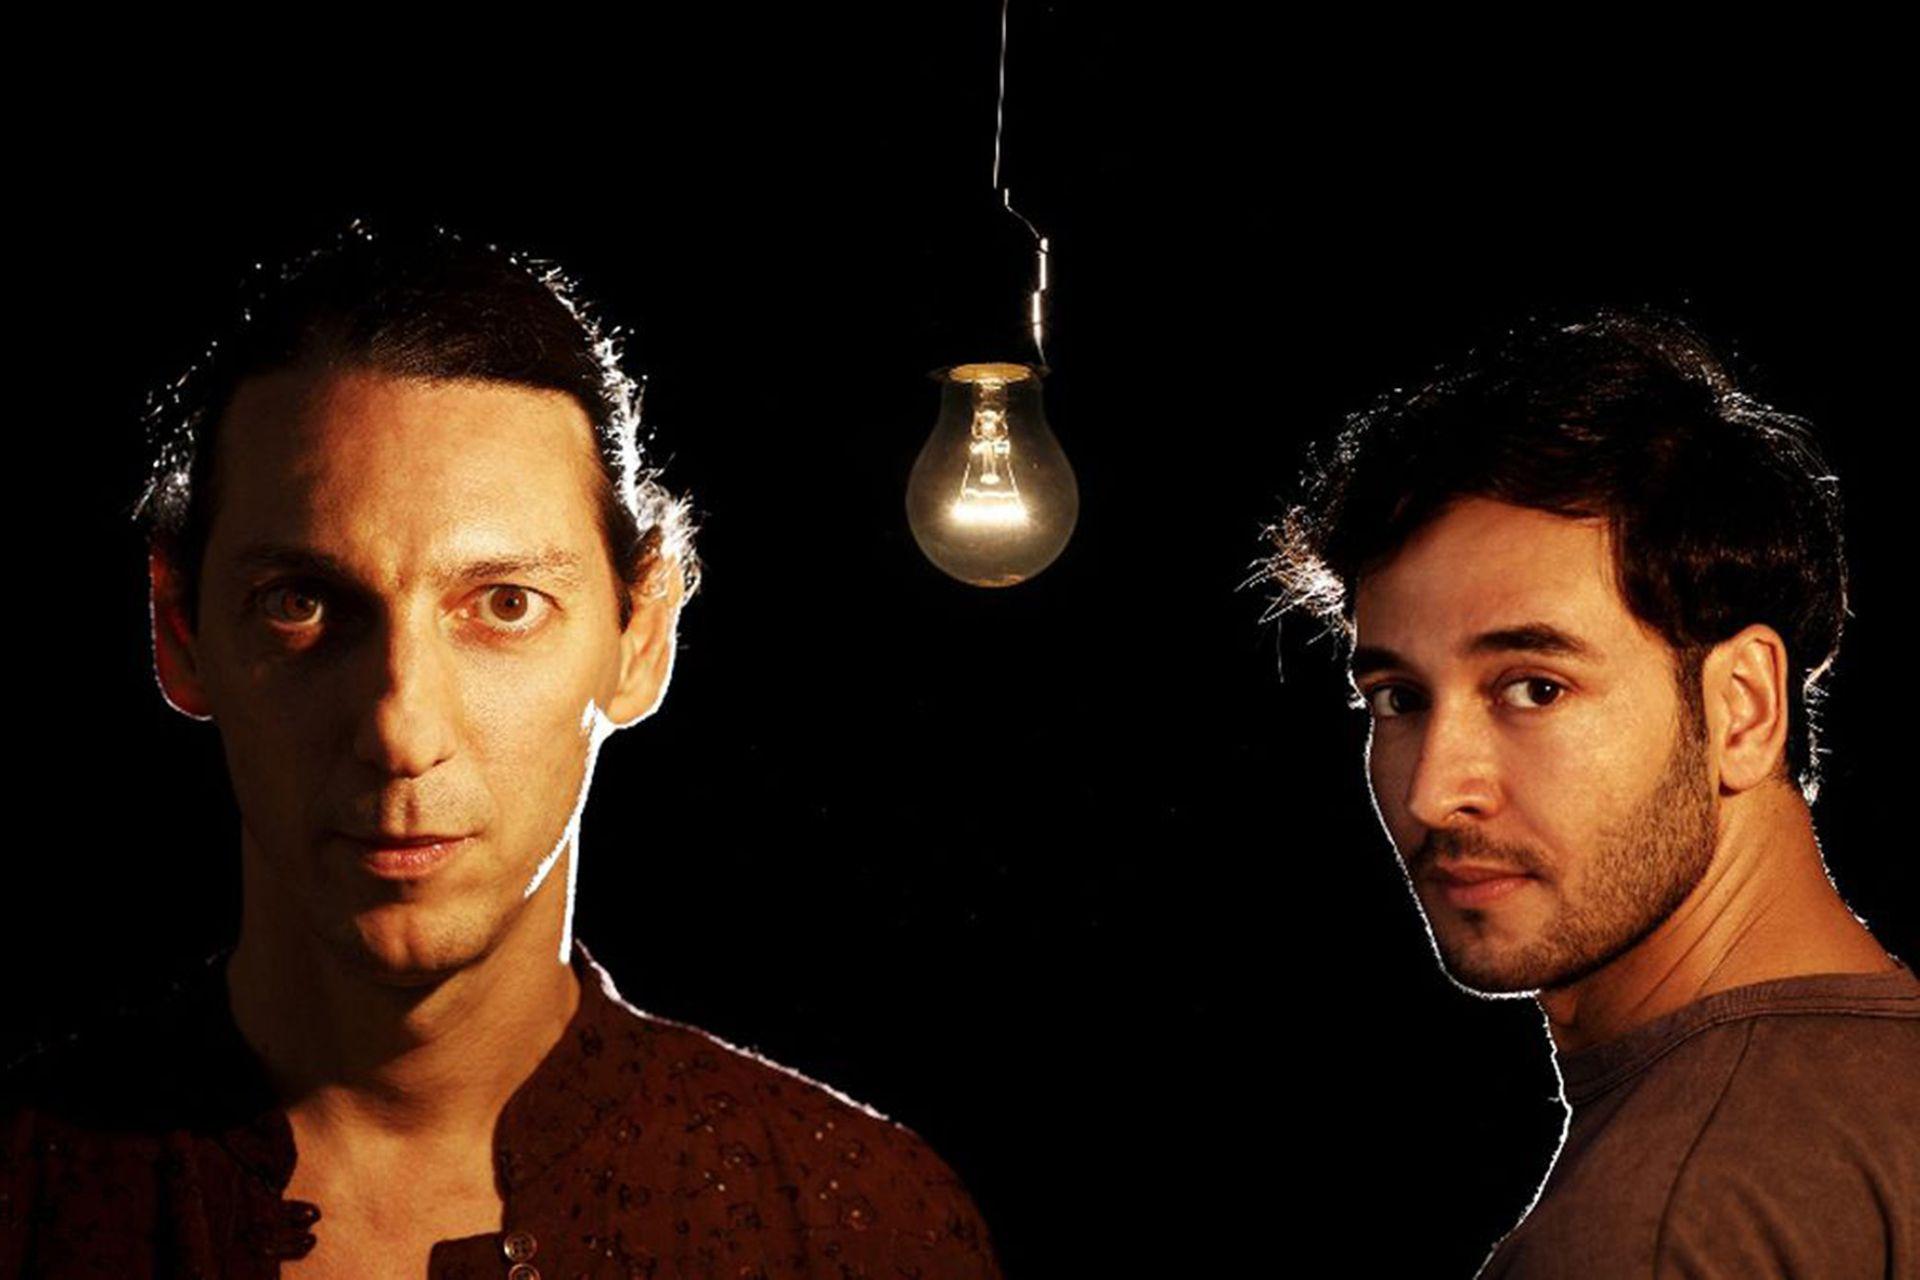 Humberto Tortonese y Martín Urbaneja, en otra versión de El  beso de la mujer araña, en El Cubo